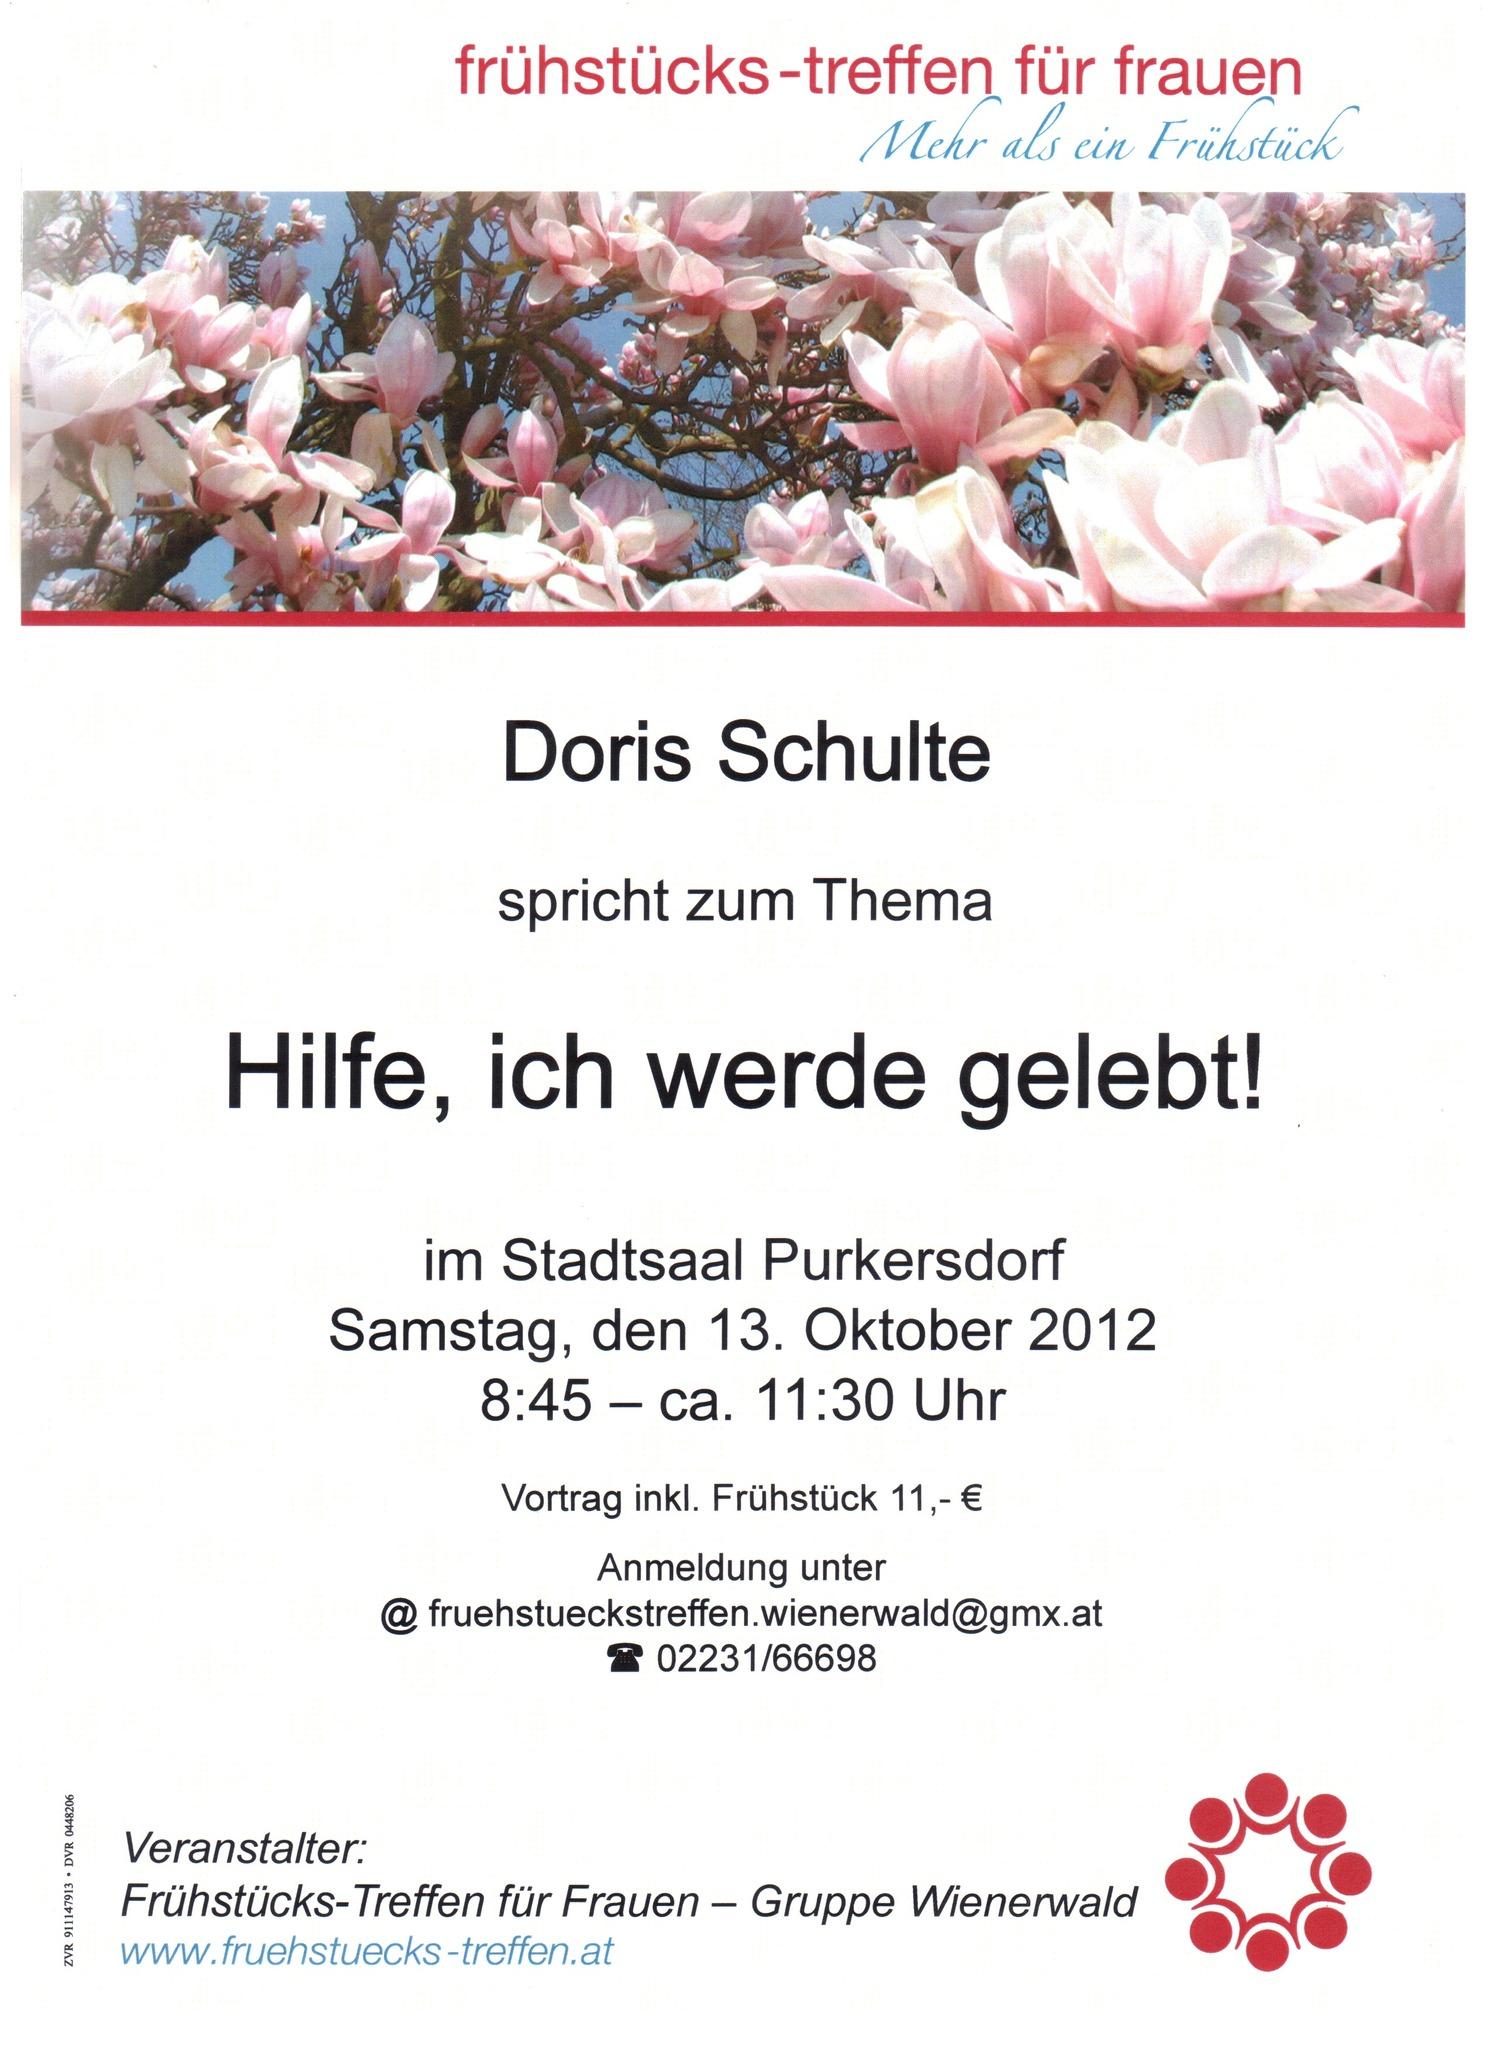 Senioren treffen auf Stift - Purkersdorf - rockmartonline.com